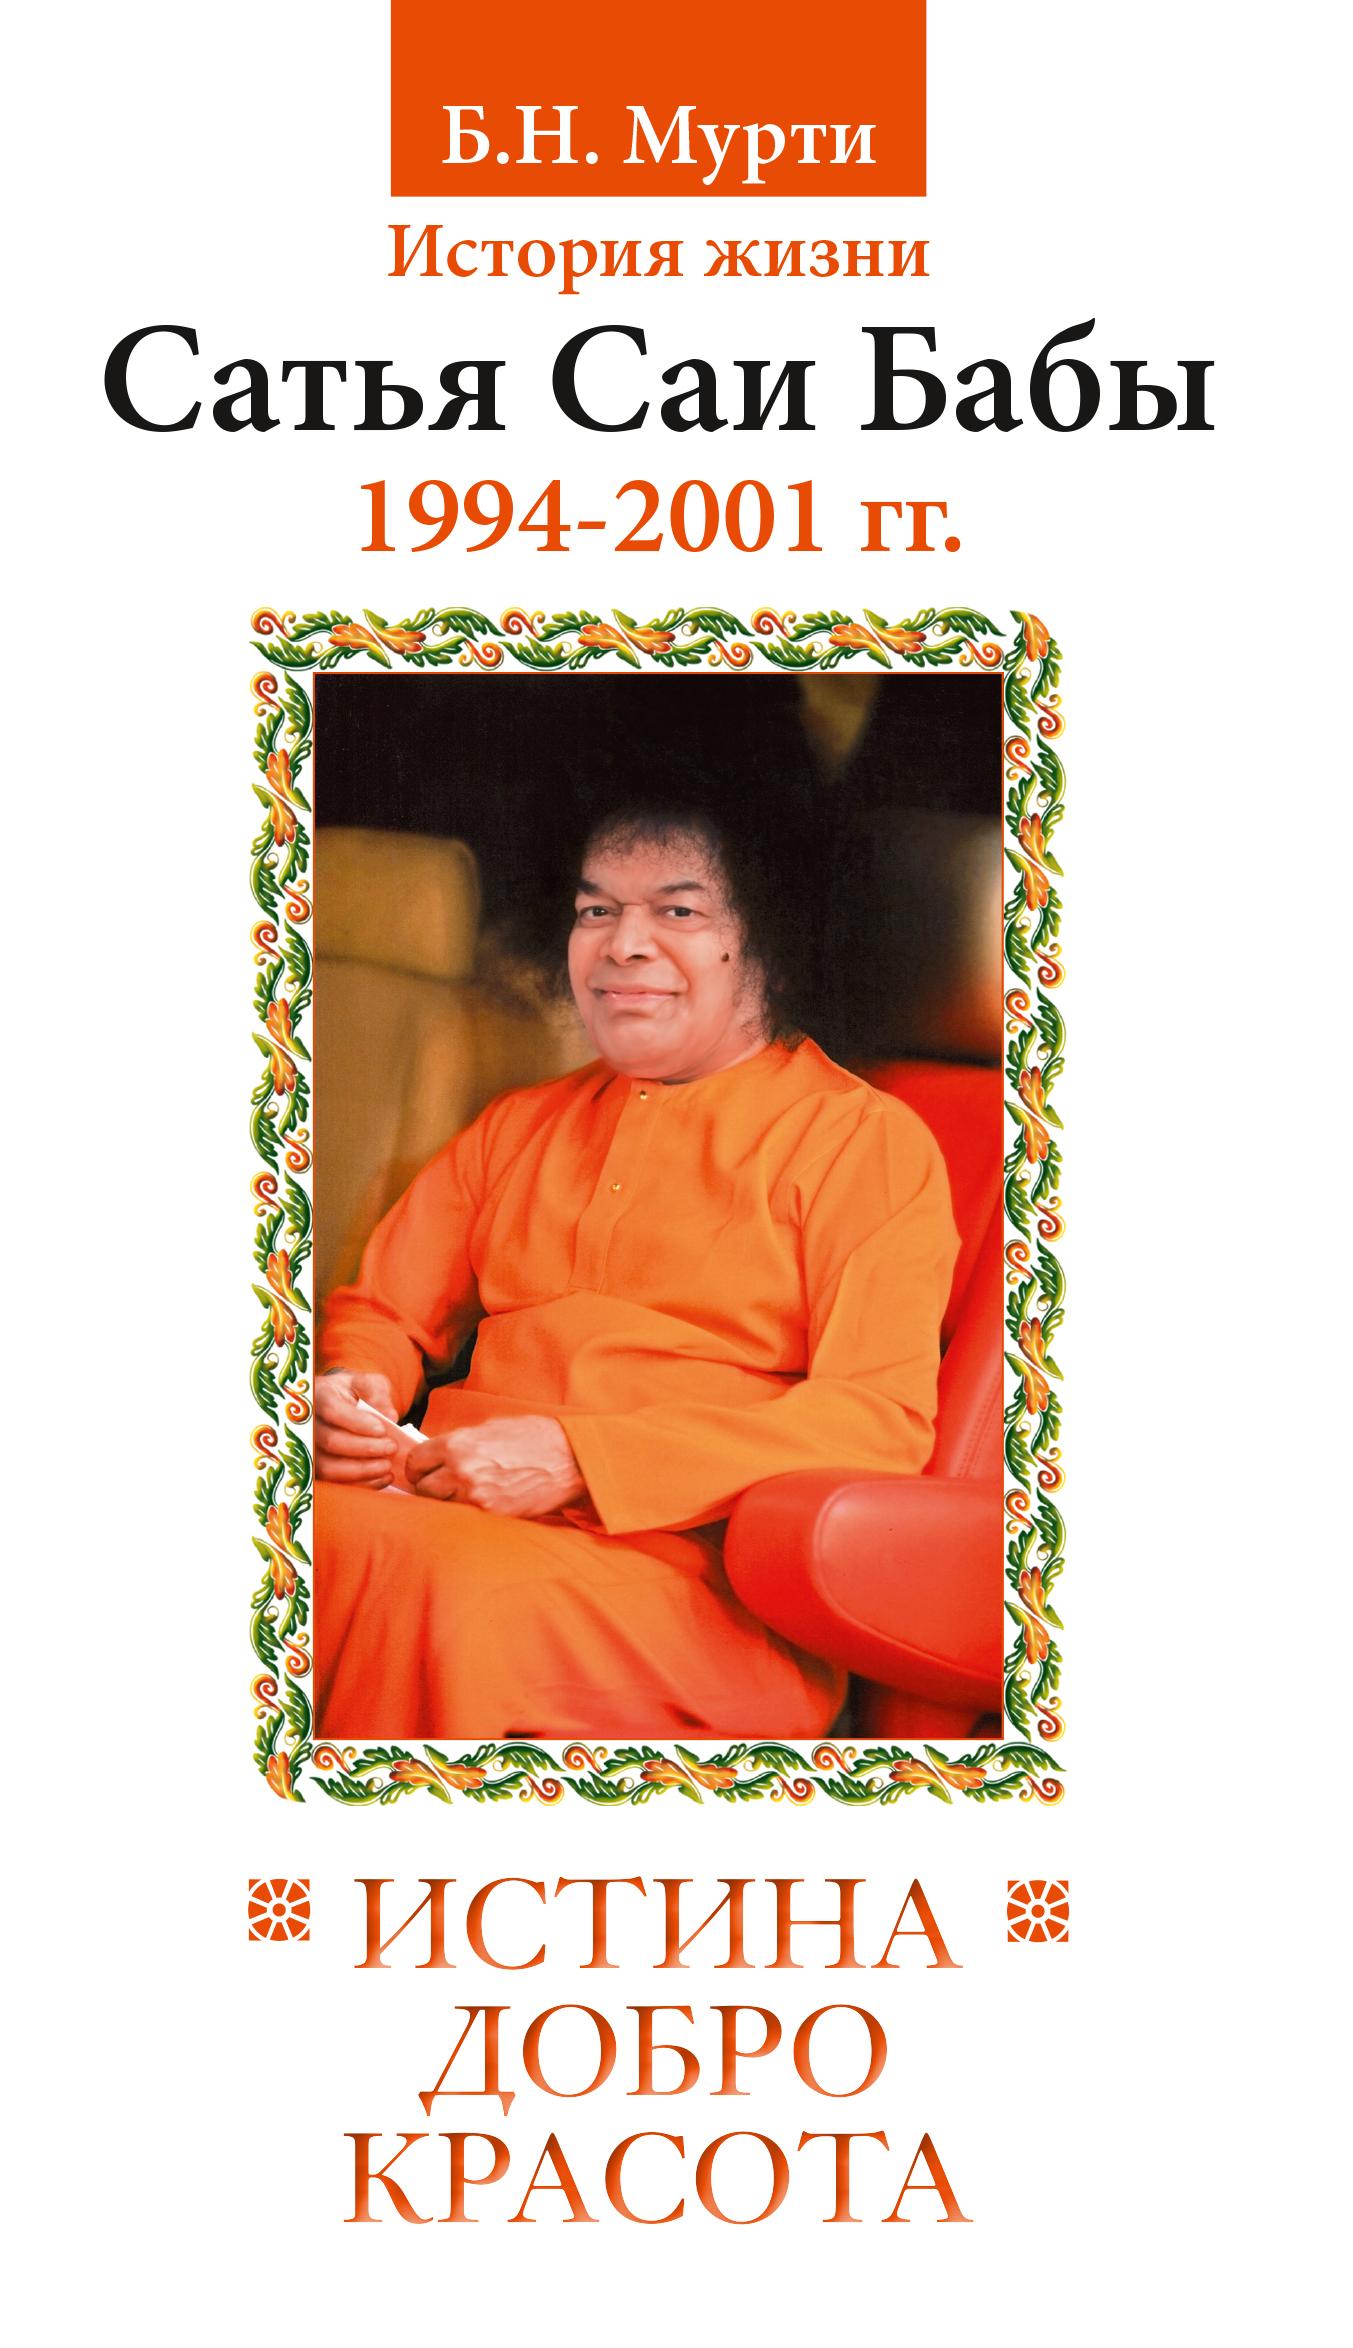 Истина, добро, красота. Т.7. История жизни Сатья Саи Бабы. (1994-2001)